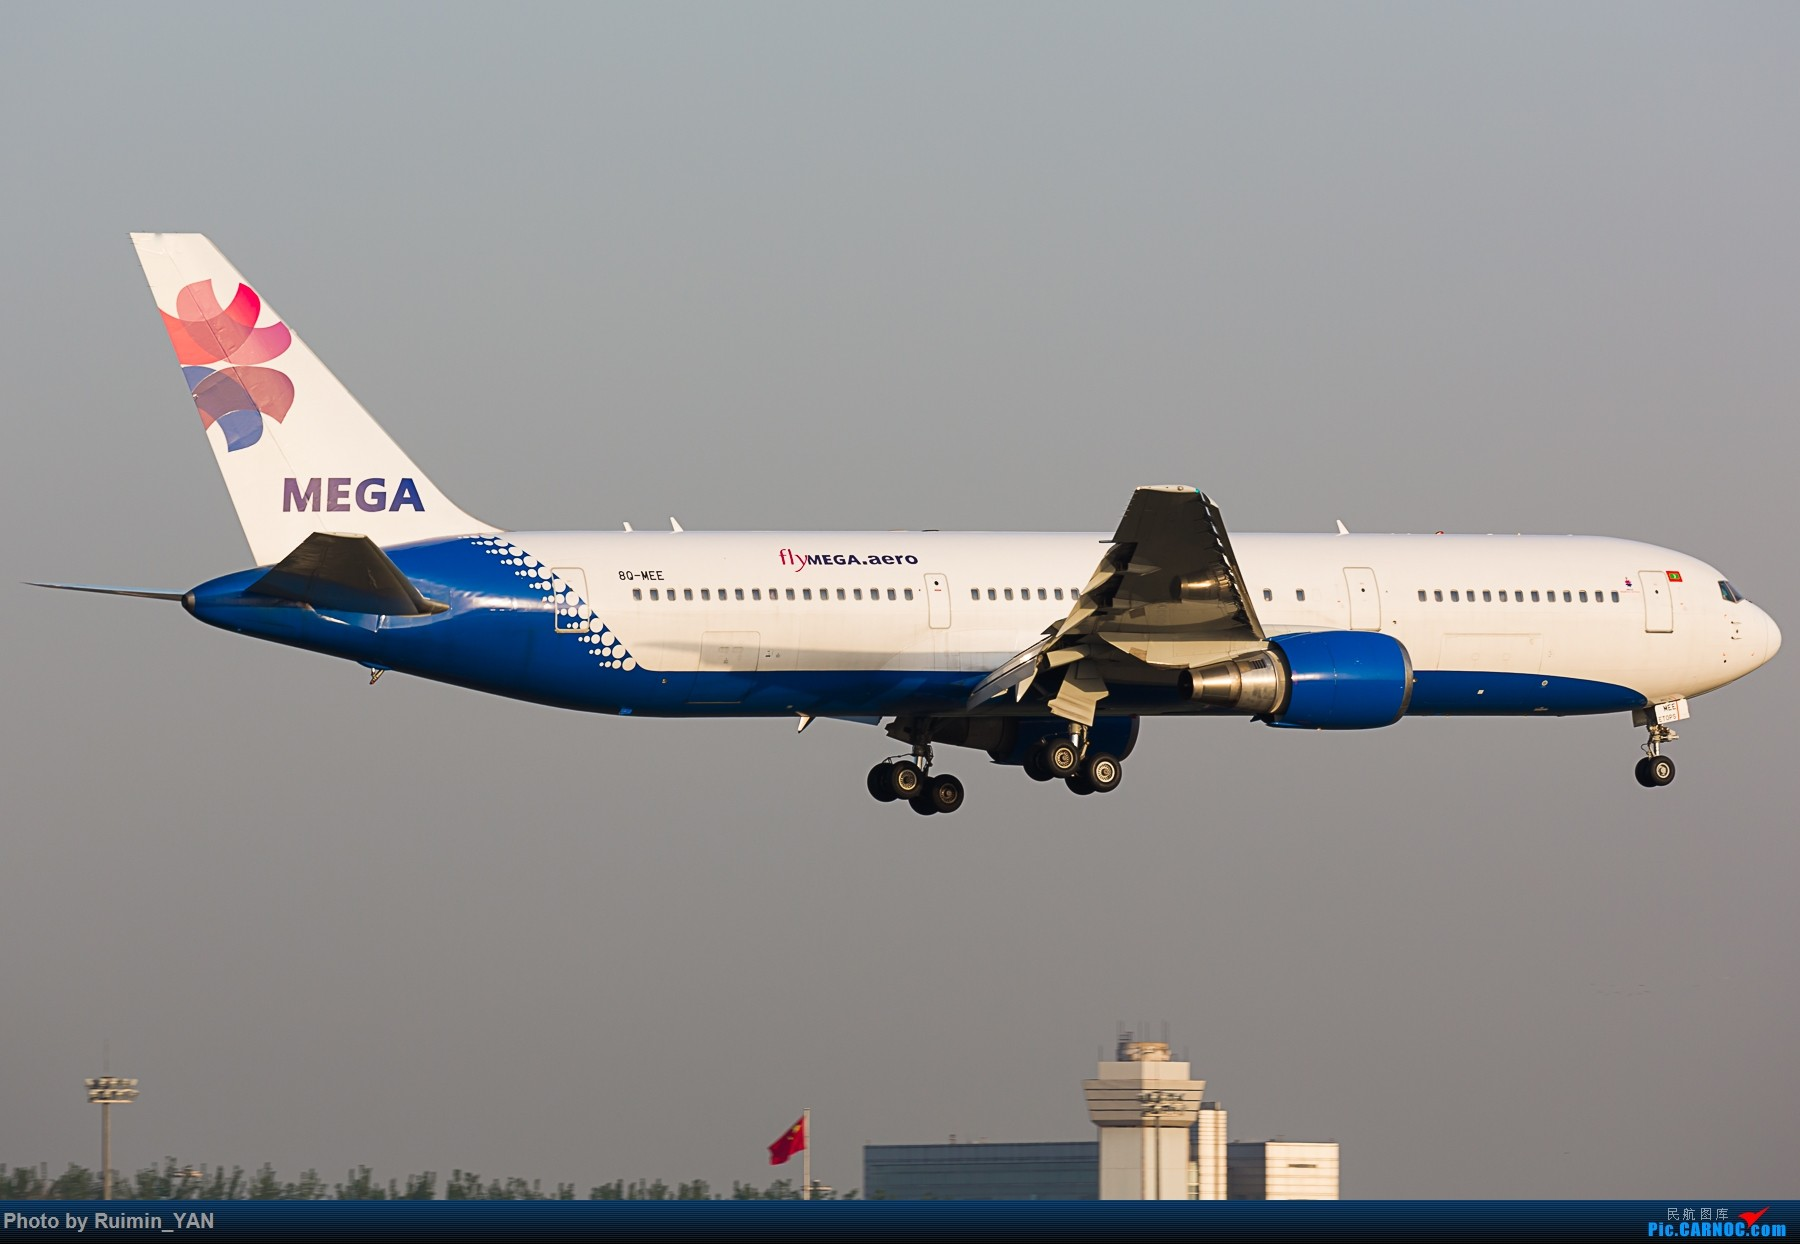 [原创]【PEK】【彩绘】马尔代夫美佳航空(LV, Mega Global Air)因重组暂停中国航线 flyMEGA.aero 8Q-MEE B763 BOEING 767-300ER 8Q-MEE 中国北京首都国际机场